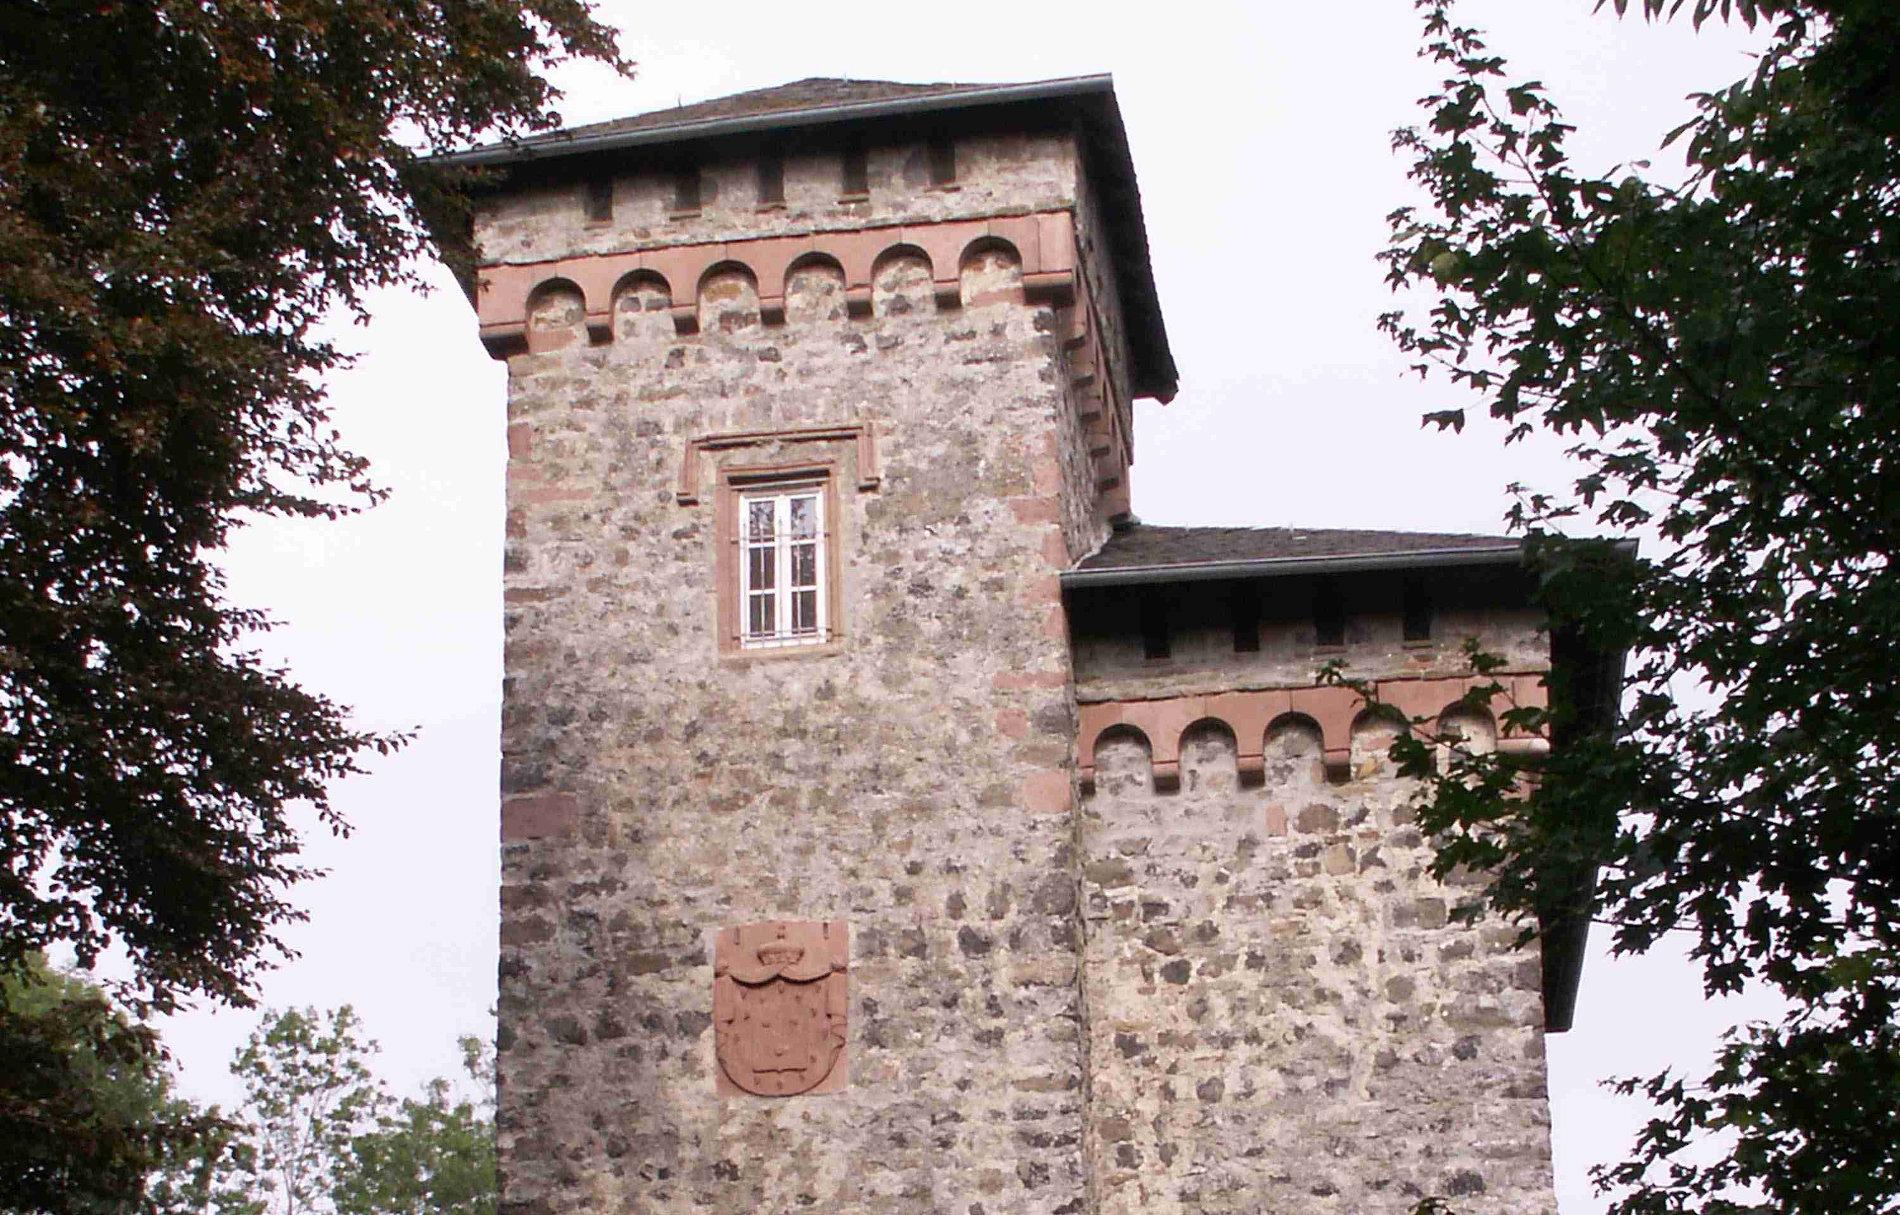 Ruine der Burg Aremberg (Ausschnitt)